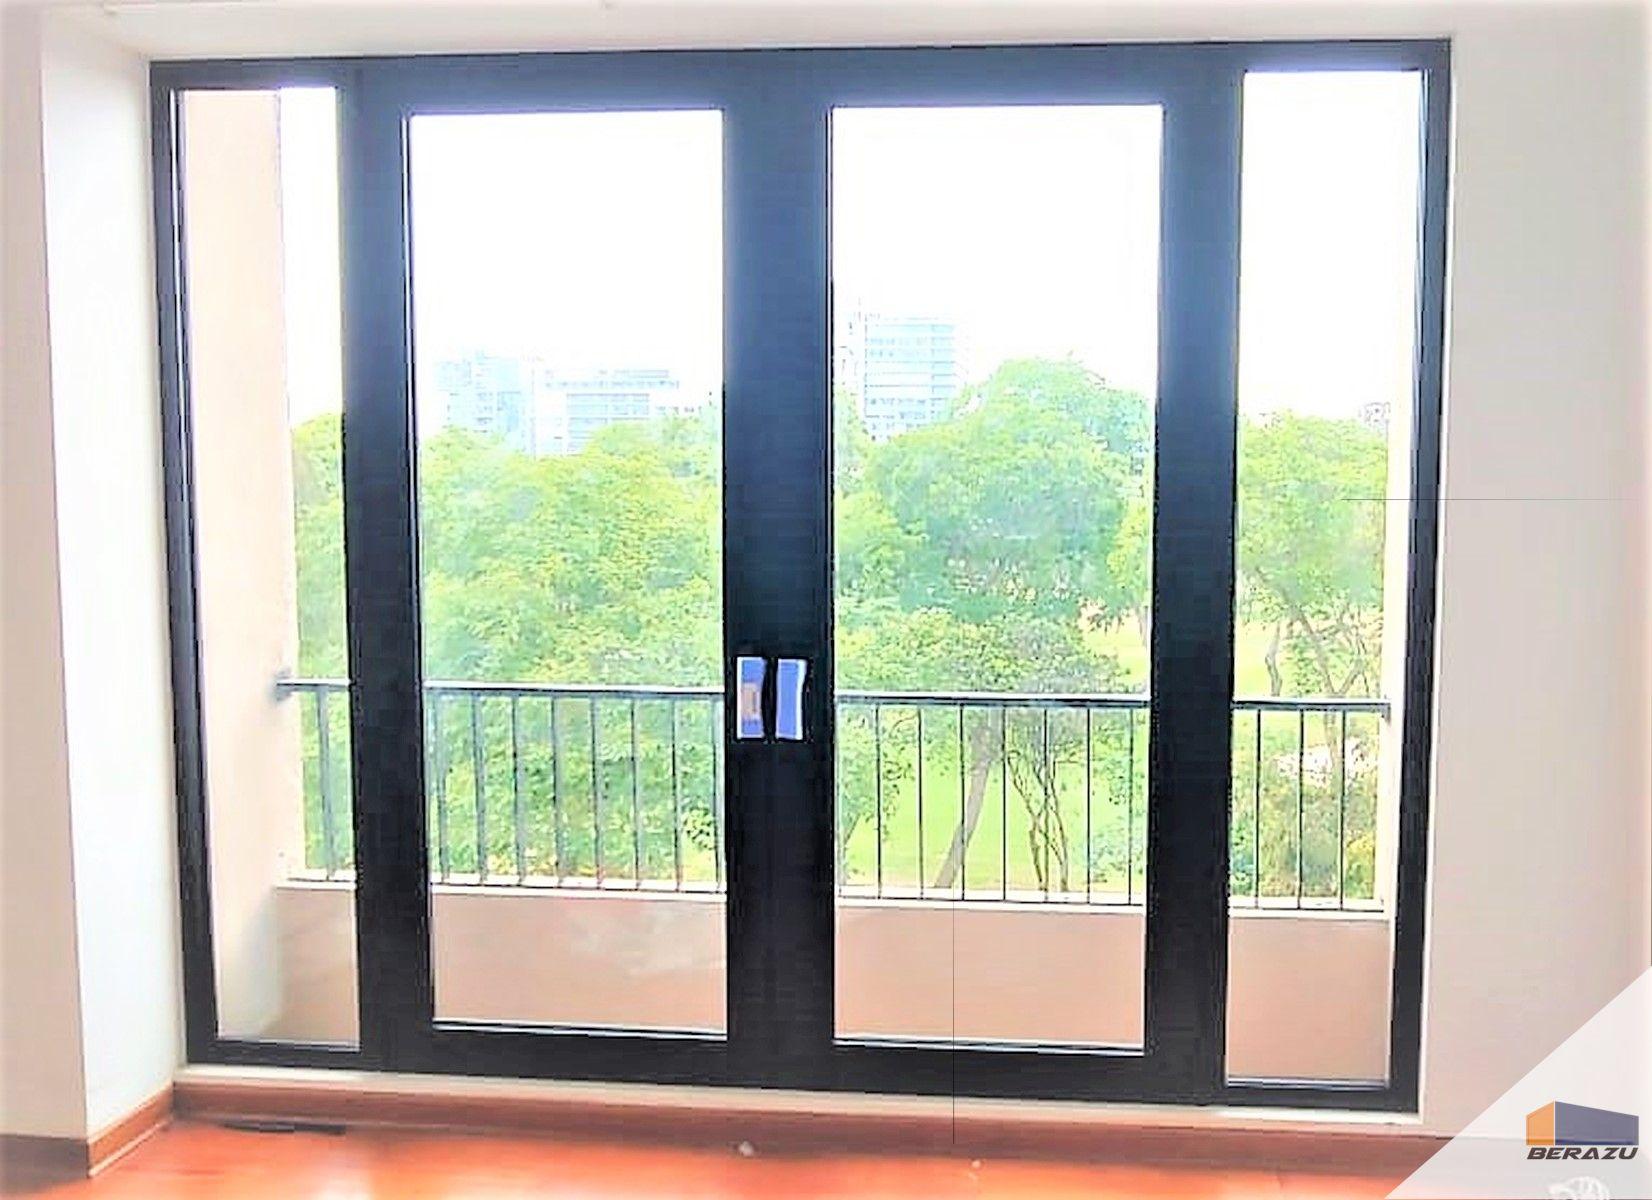 Mampara Af 52 Windows